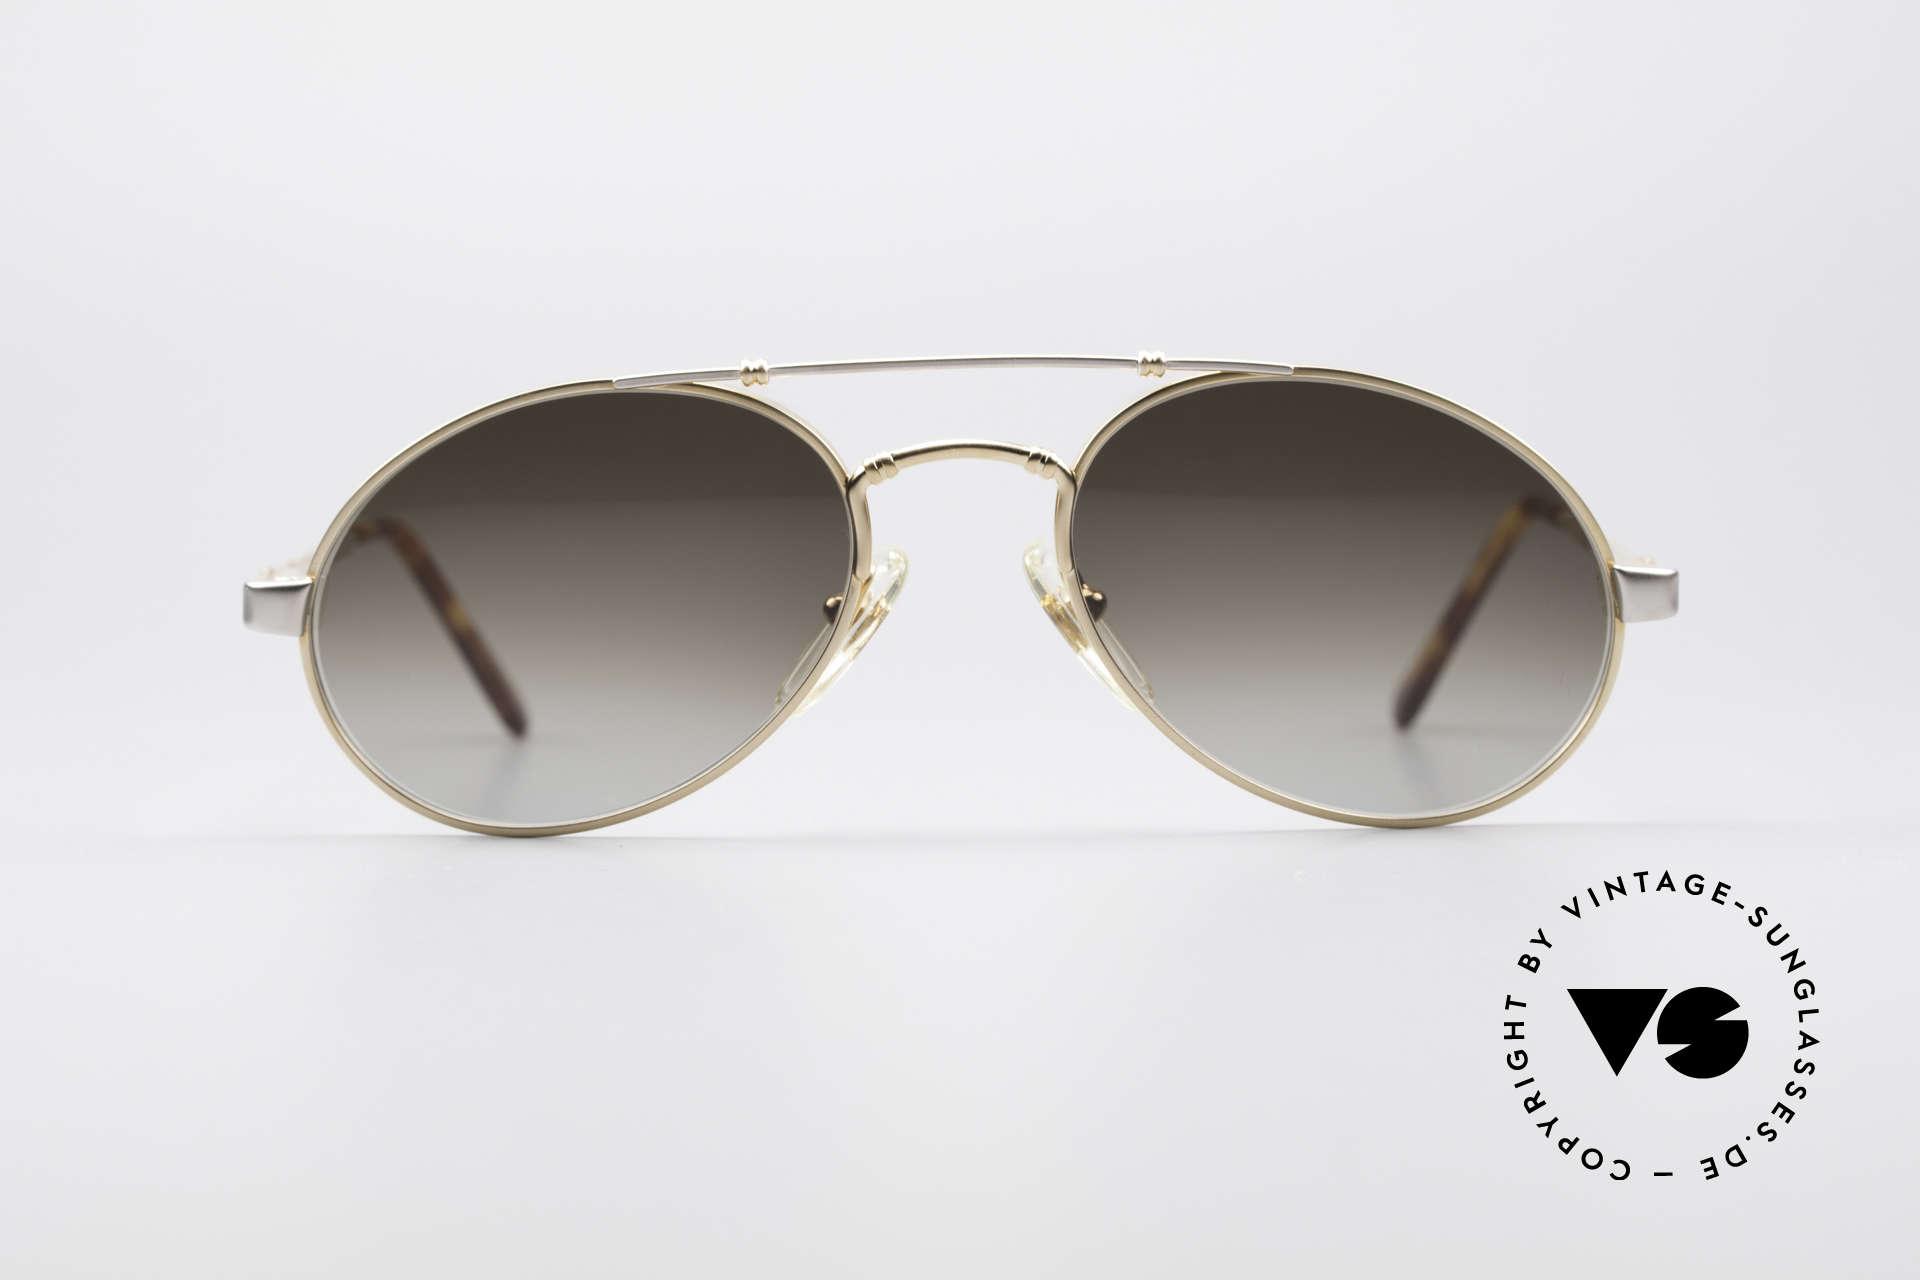 Bugatti 18503 90er Herren Sonnenbrille, circa Anfang der 90er Jahre in Frankreich produziert, Passend für Herren